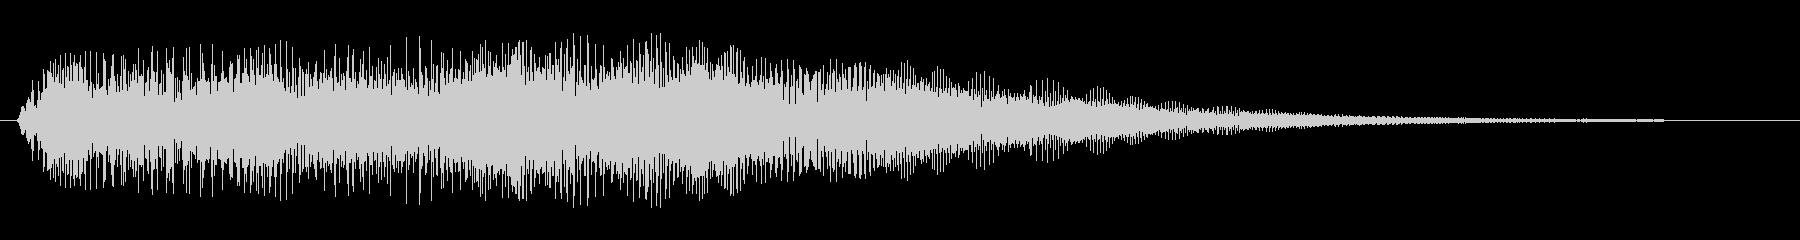 びよよよ〜ん(バネ、コミカルな電子音)の未再生の波形